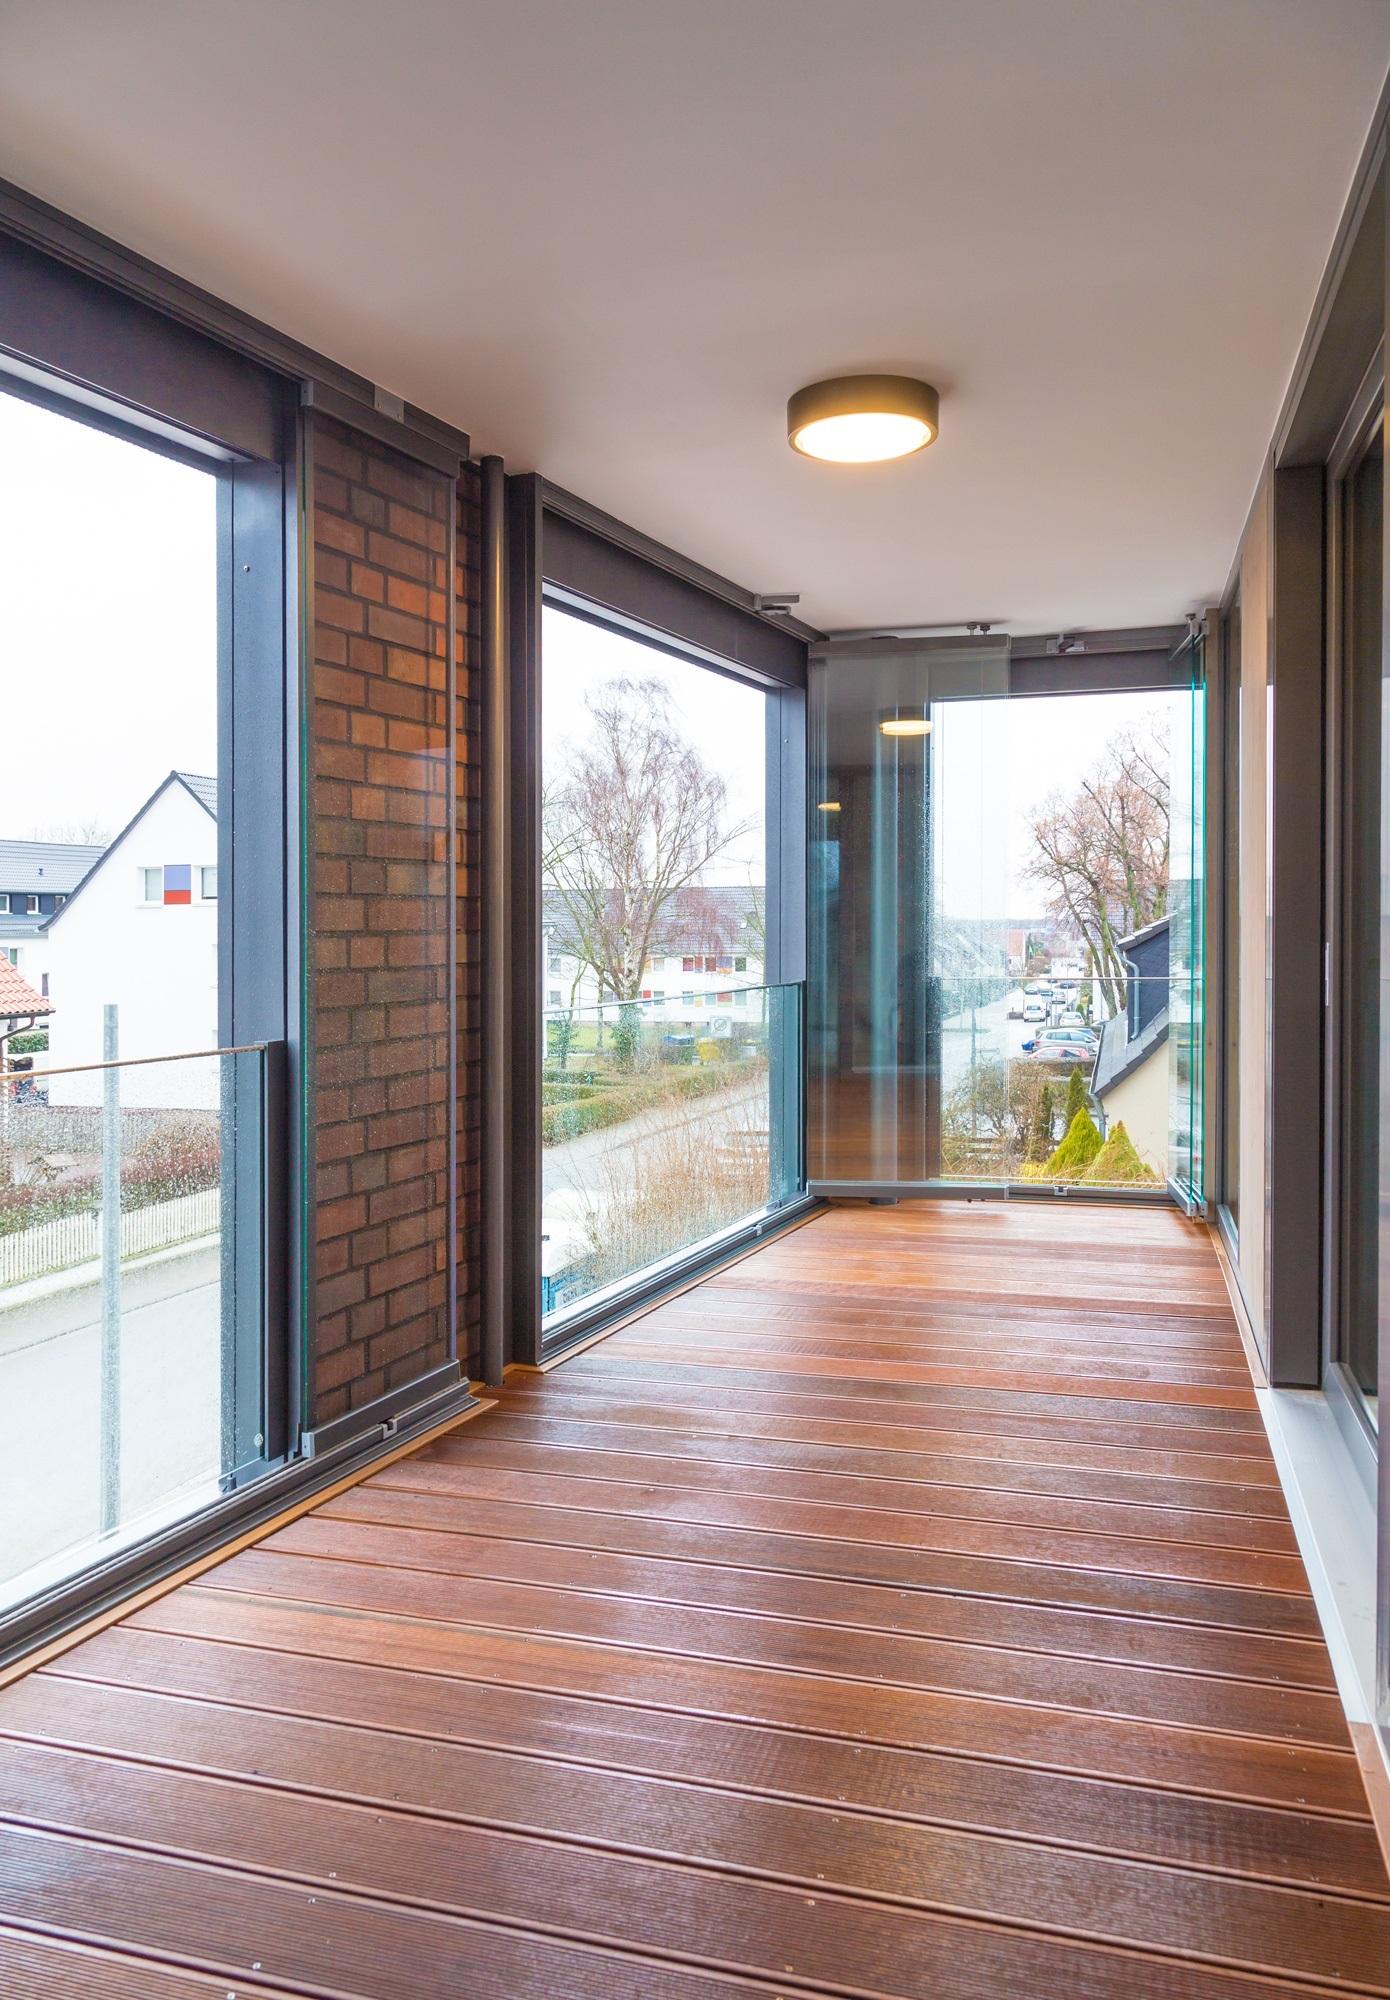 stadt wolfsburg zillestra e. Black Bedroom Furniture Sets. Home Design Ideas